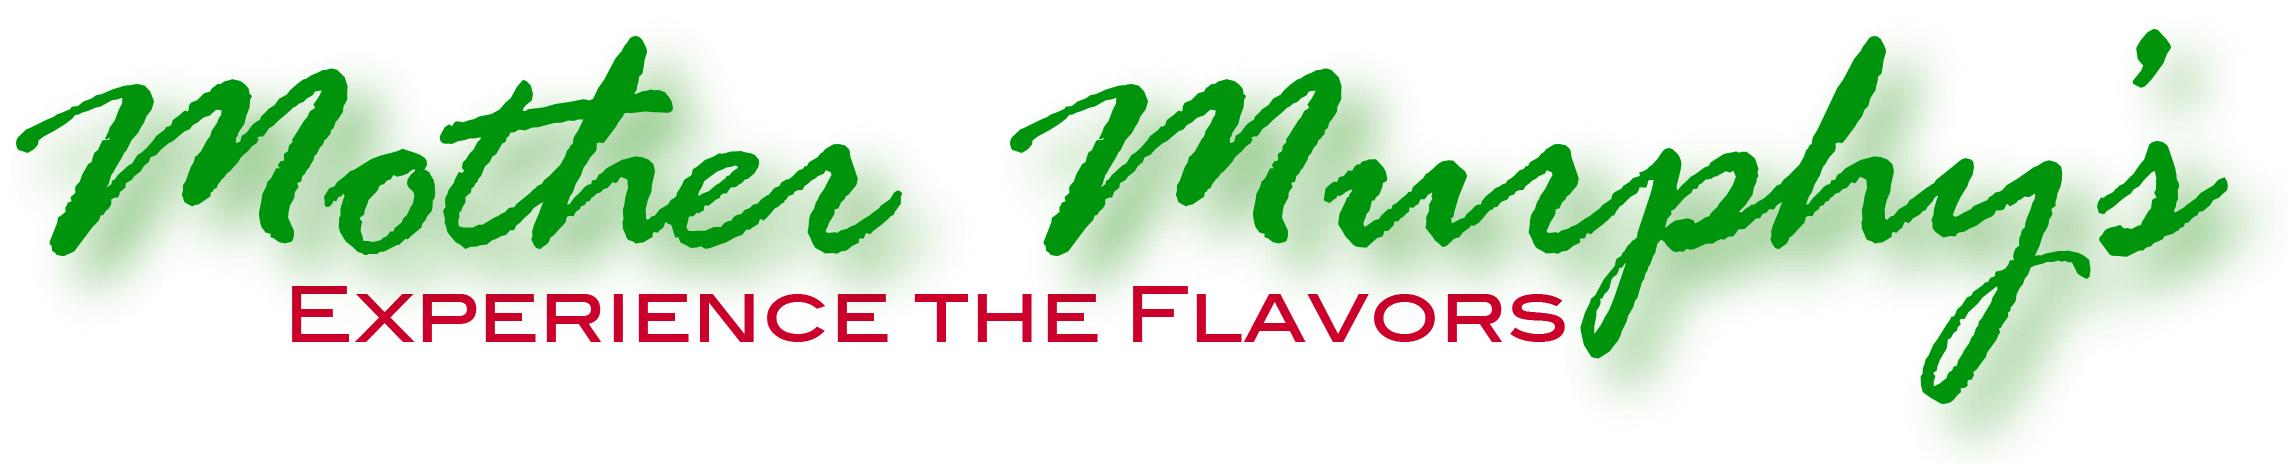 Mother Murphy's logo.jpg